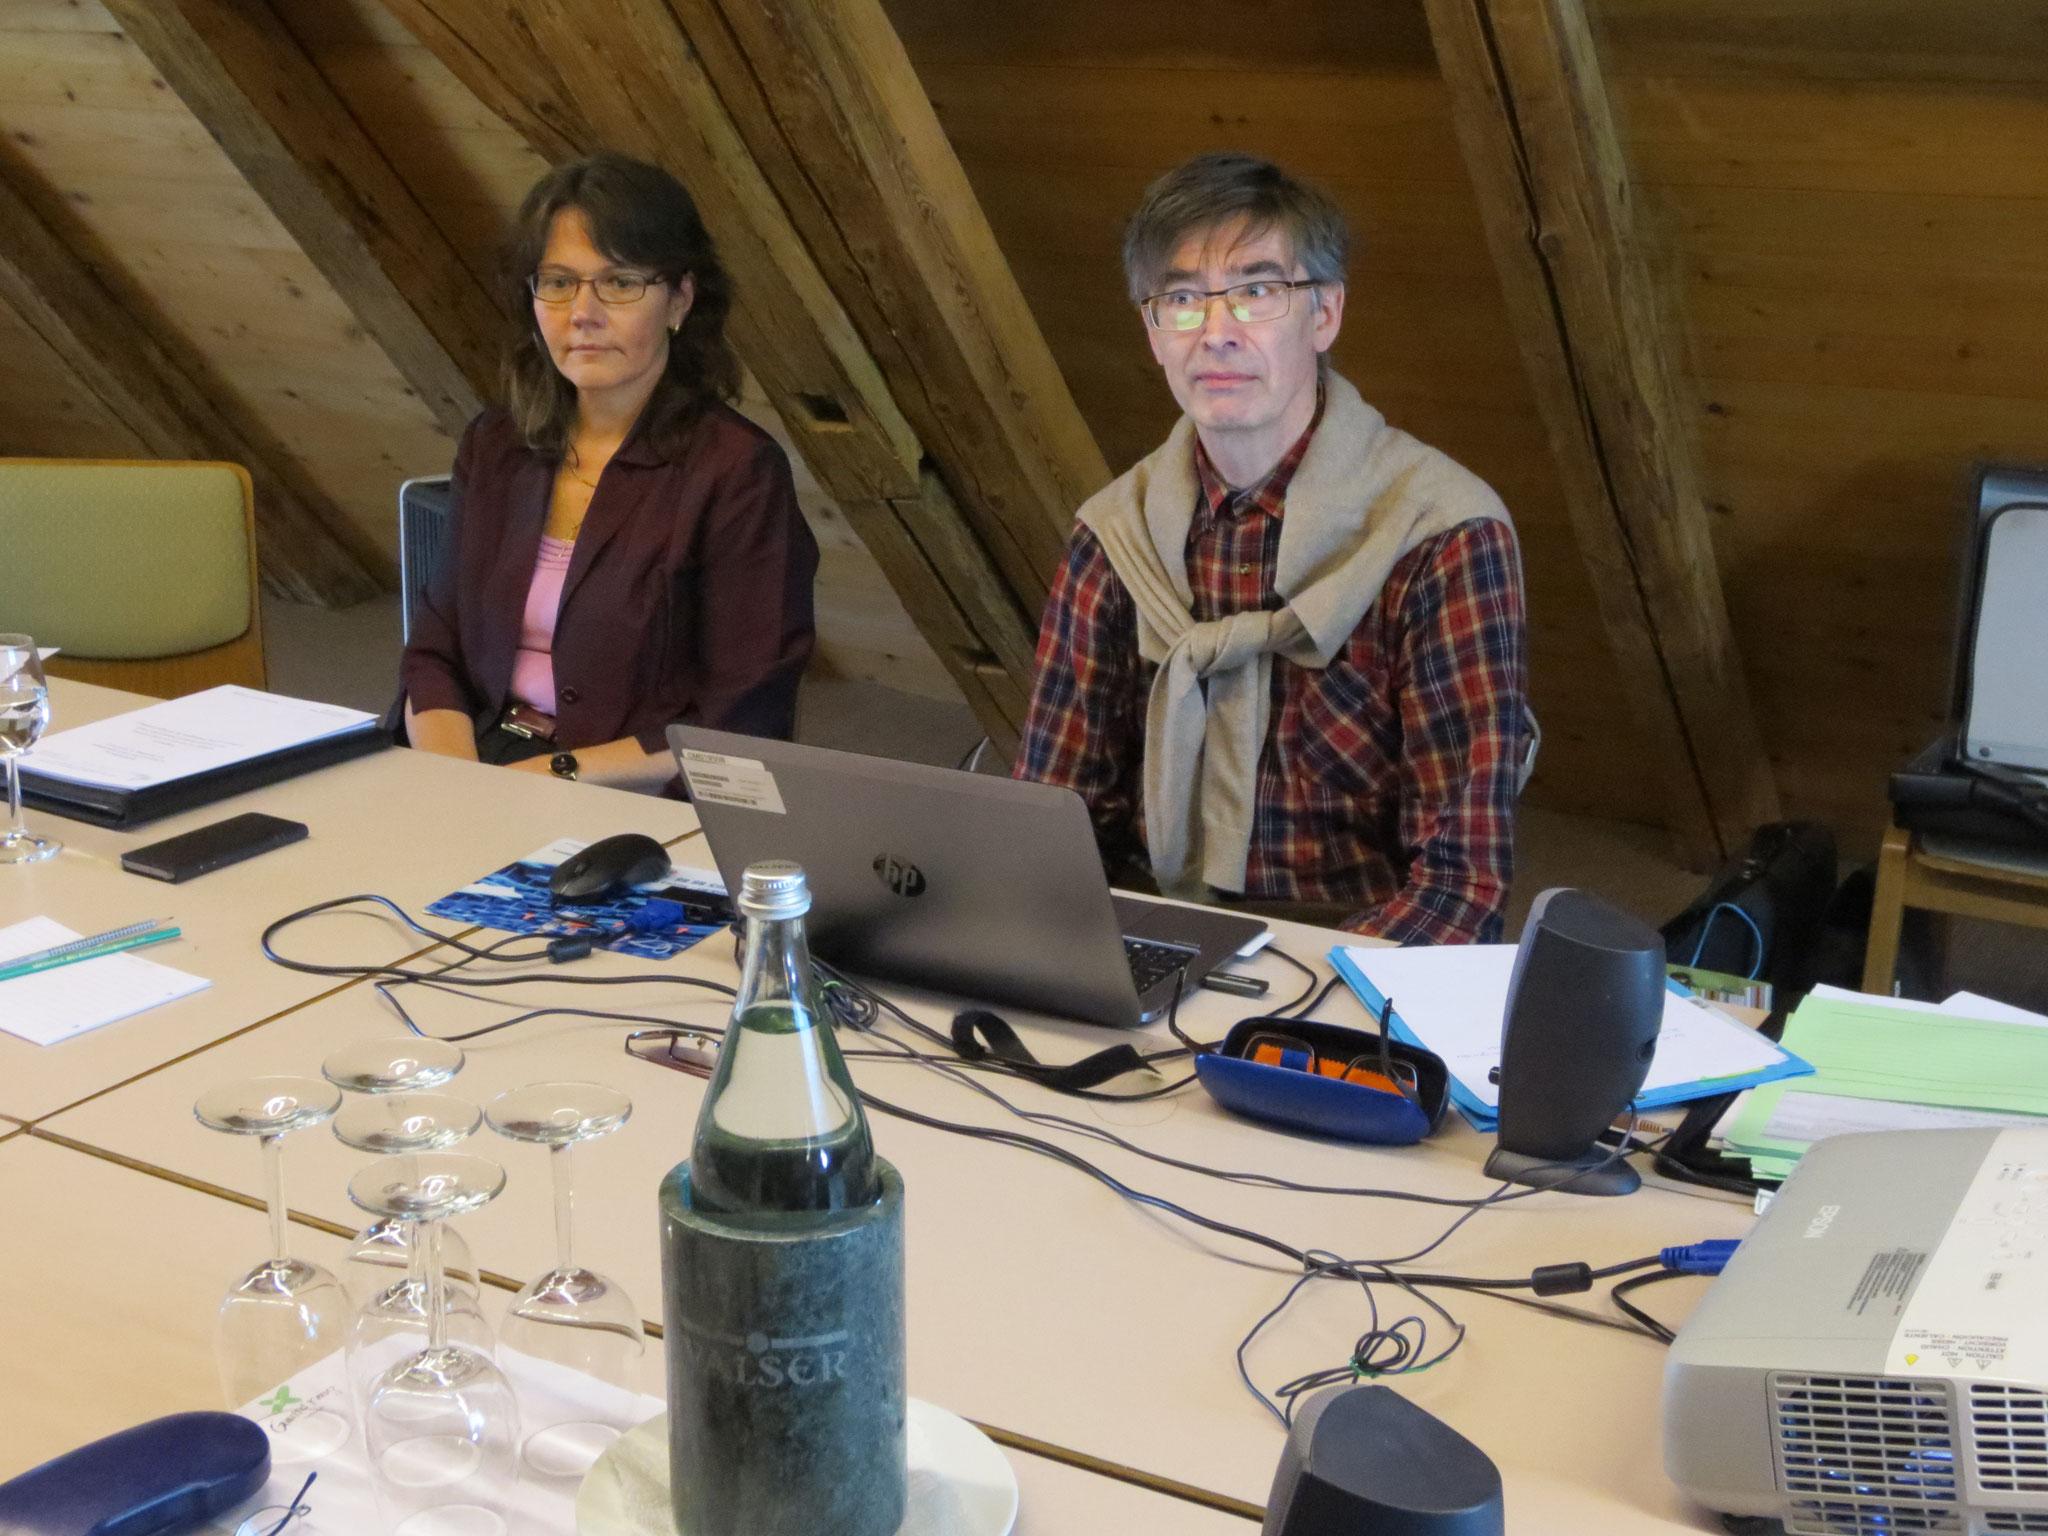 Rechnungsführerin Suzanne Fracasso-Rovina und ESSV-Funktionär Andreas Franz folgen mit Interesse dem Beitrag der Referentin